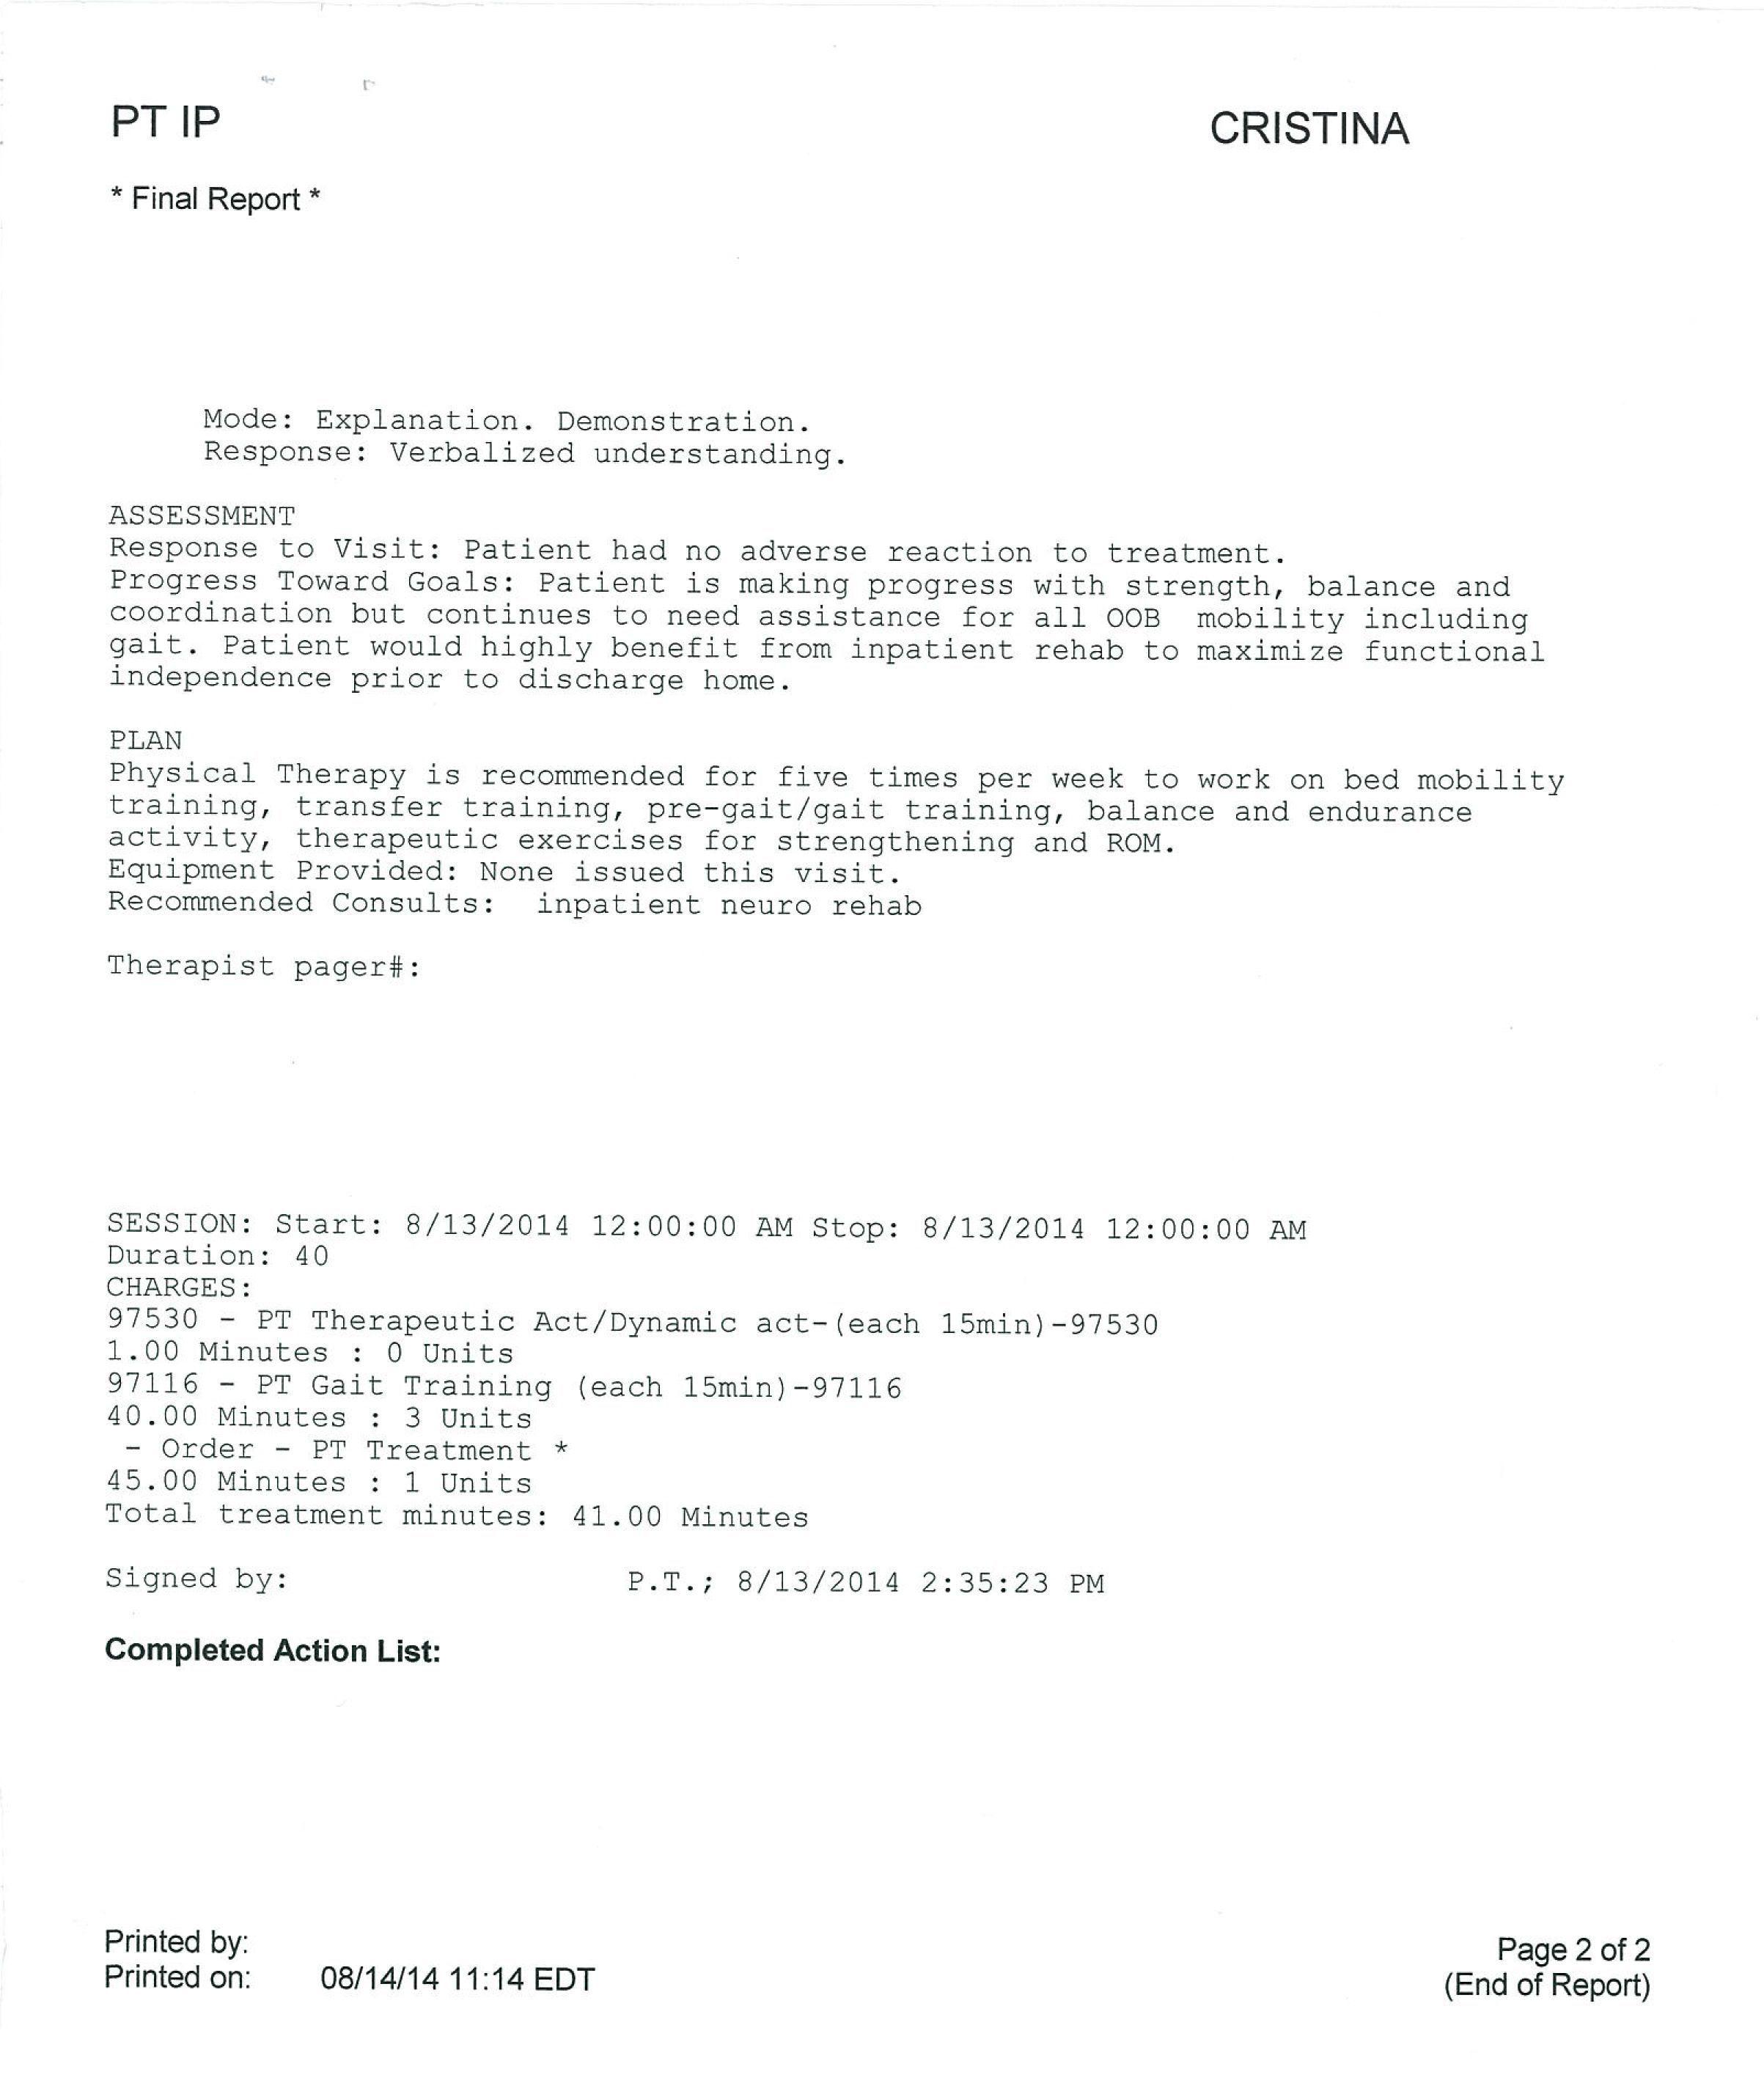 LifEscozul® - Cristina 7 - Cáncer Cerebral